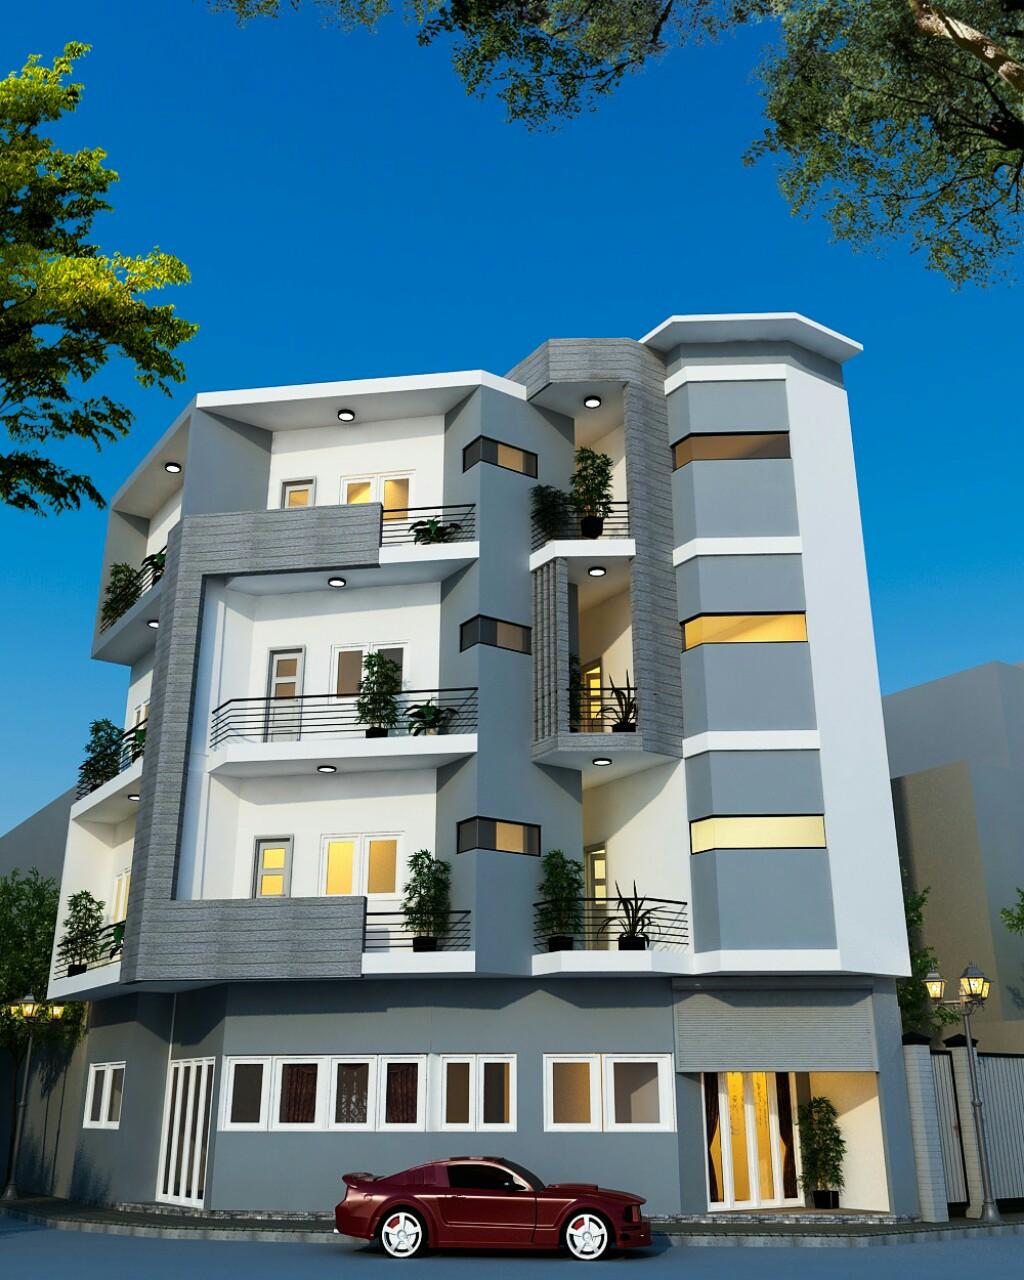 thiết kế Nhà 5 tầng tại Hà Nội Nhà trọ cho thuê 2 1551328089